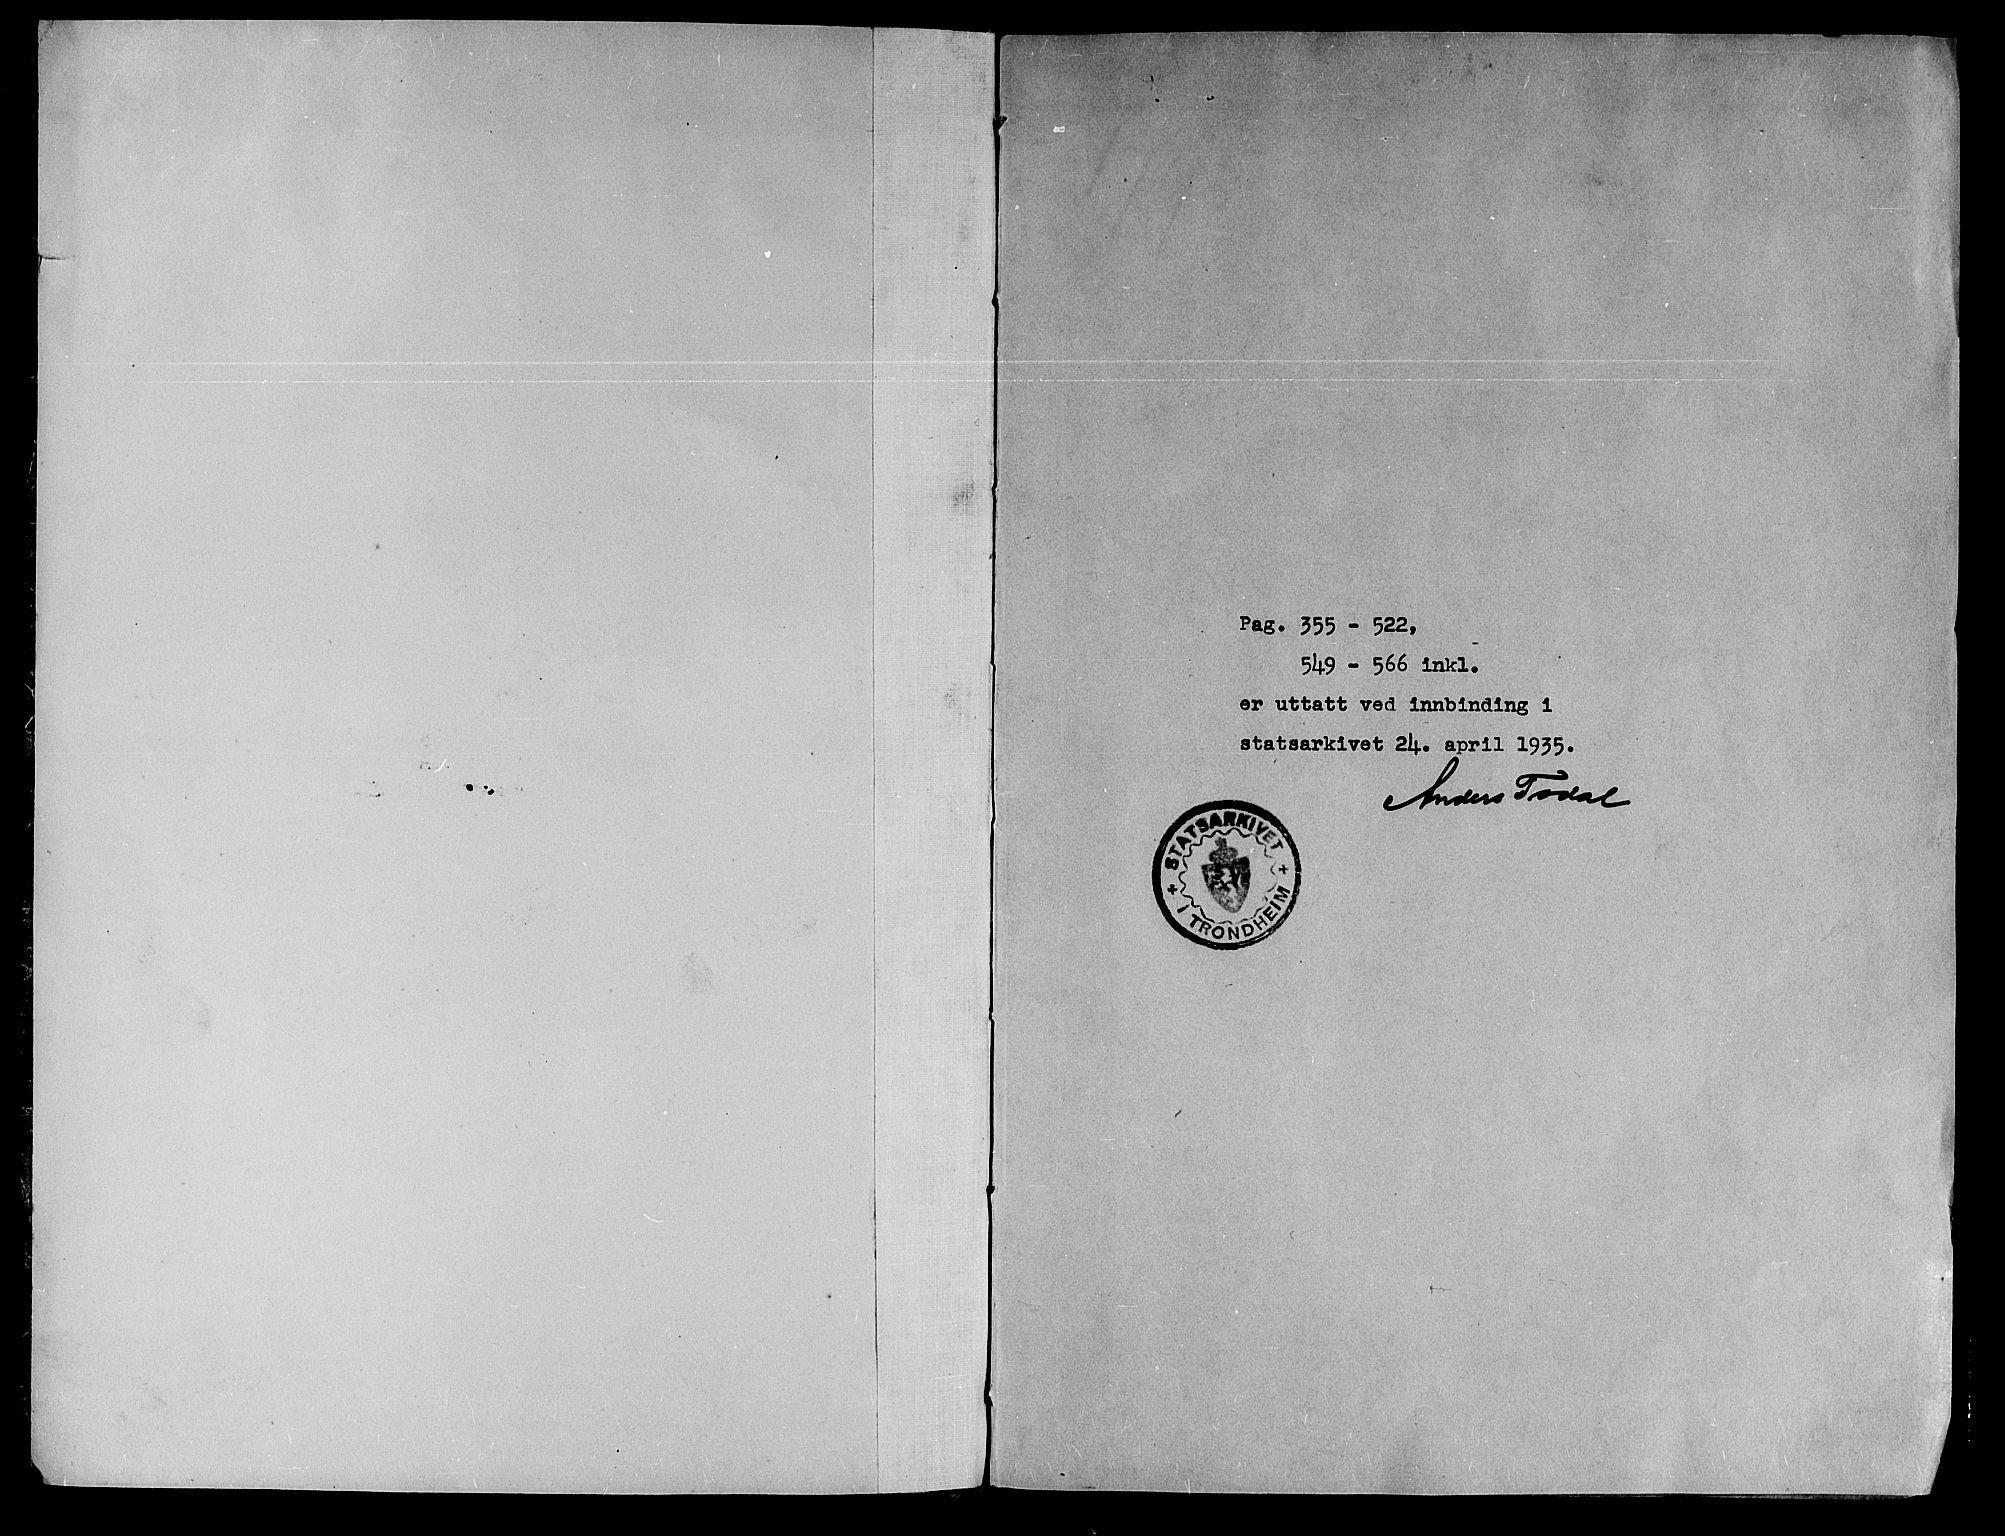 SAT, Ministerialprotokoller, klokkerbøker og fødselsregistre - Nord-Trøndelag, 735/L0332: Ministerialbok nr. 735A03, 1795-1816